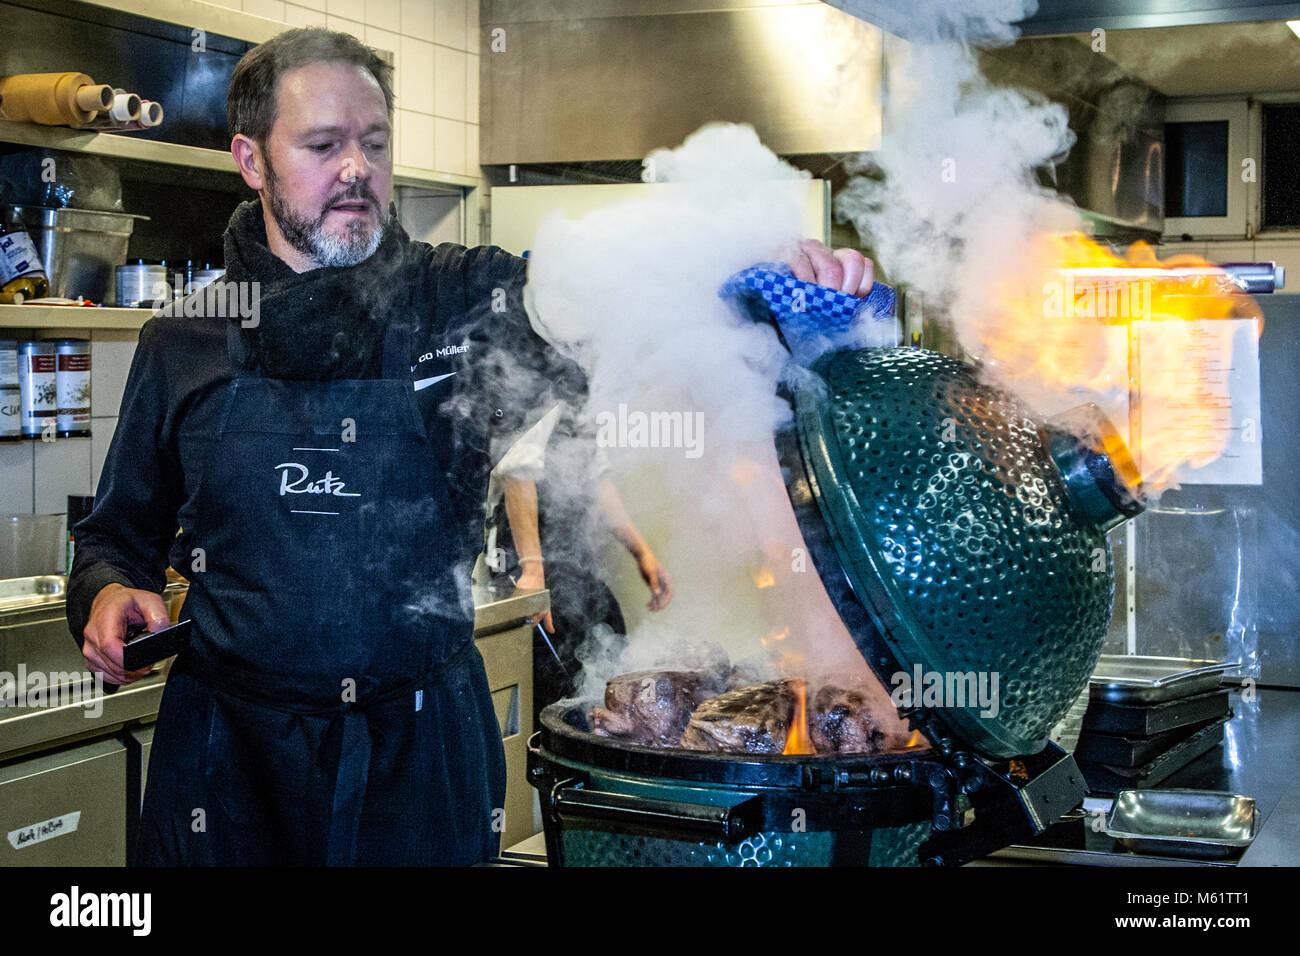 Marco Müller, chef 3 étoiles au guide Michelin allemand, avec Big Green Egg. L'un des secrets de la viande de bœuf tendre est l'ordre « inverse » : commencez par la chauffer au four à faible chaleur, puis faites-la griller dans sa propre fumée juste avant de la couper Banque D'Images